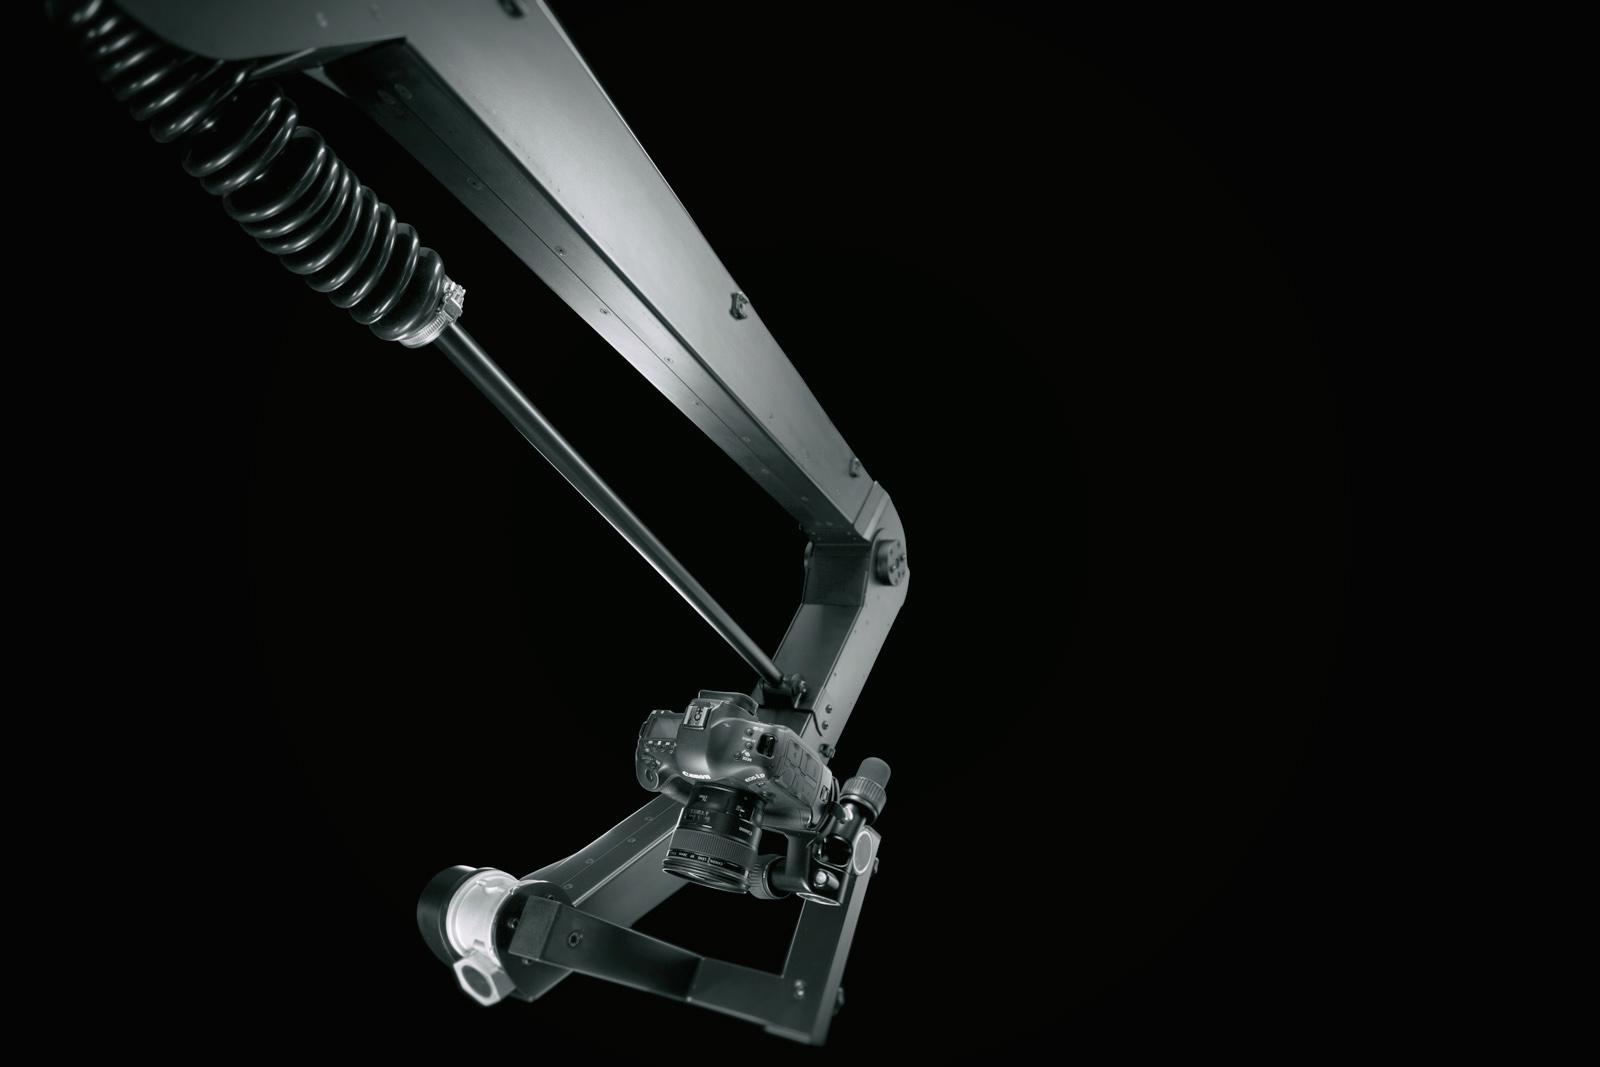 Robotické převody fotografií do 3D Praha pro vizuální prezentaci produktů